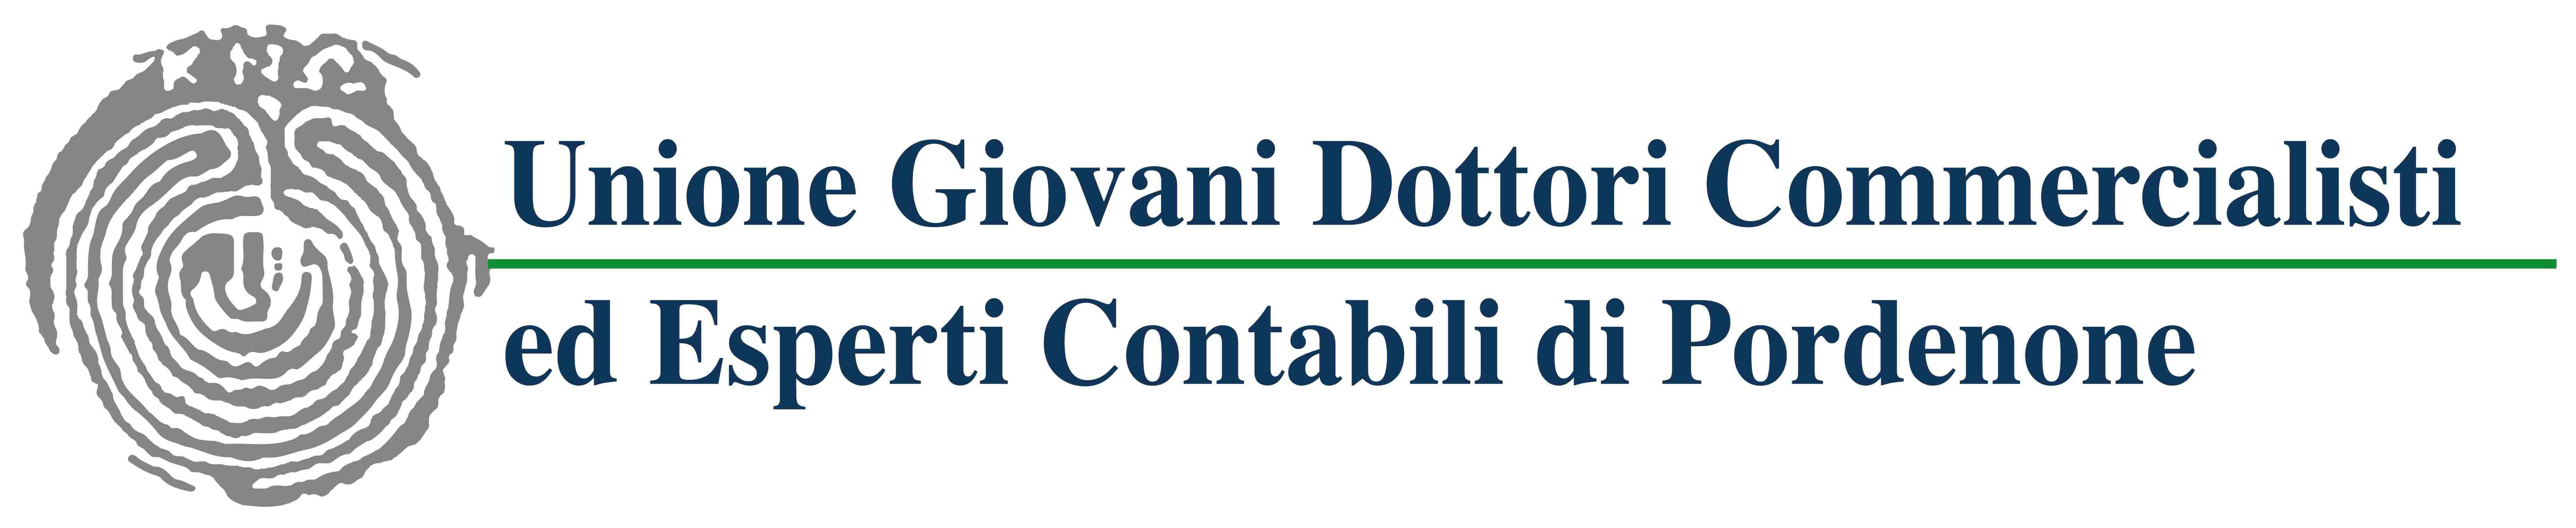 Unione Giovani Dottori Commercialisti ed Esperti Contabili della provincia di Pordenone